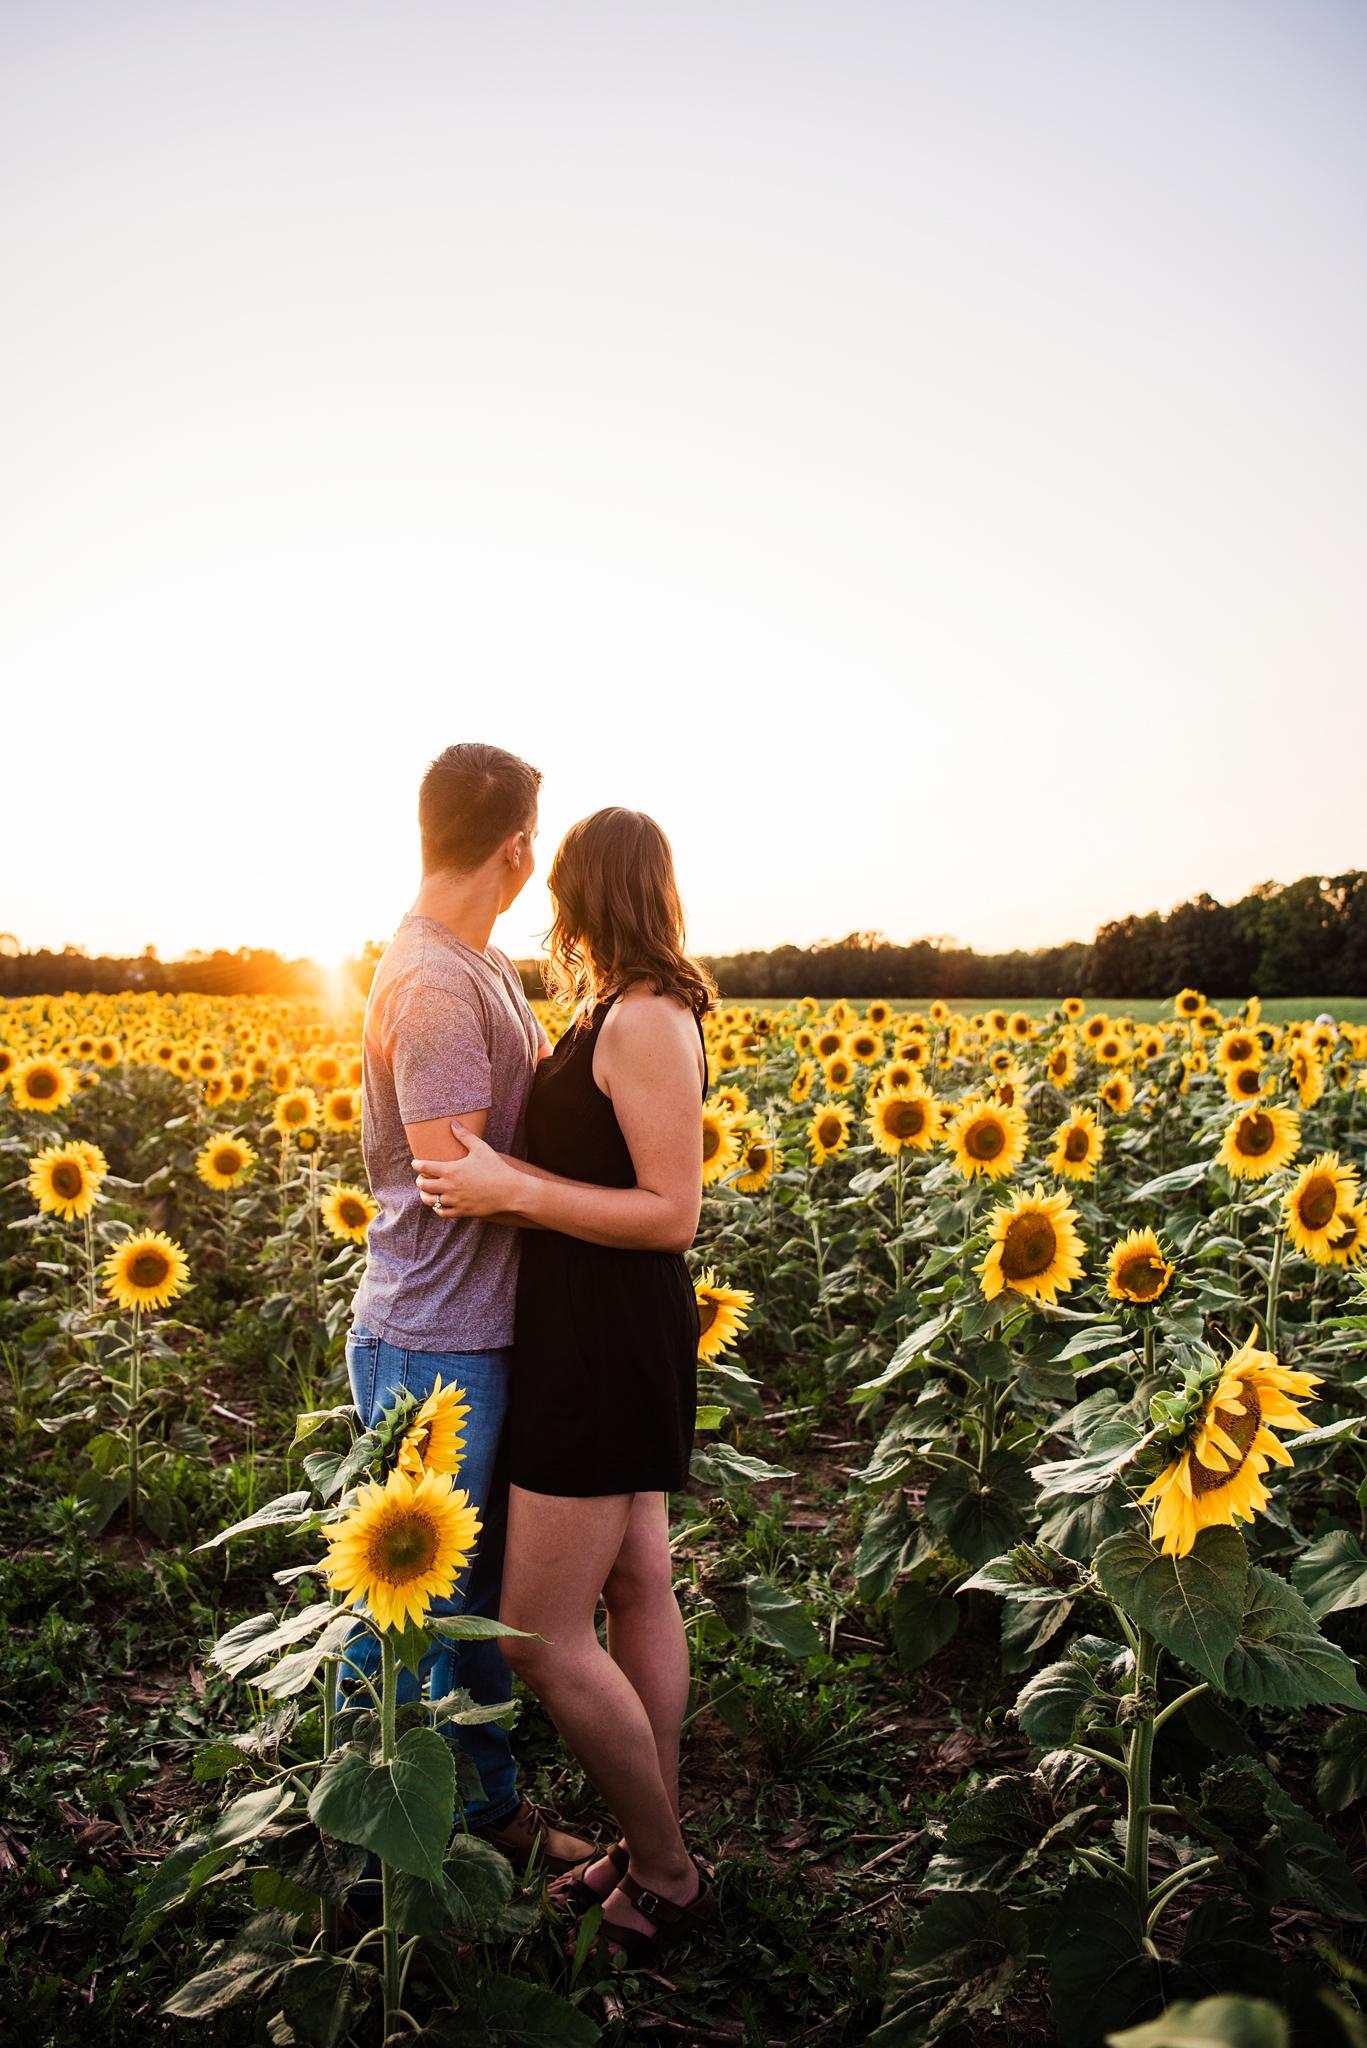 Mendon_Ponds_Park_Sunflower_Farm_Rochester_Engagement_Session_JILL_STUDIO_Rochester_NY_Photographer_DSC_1318.jpg